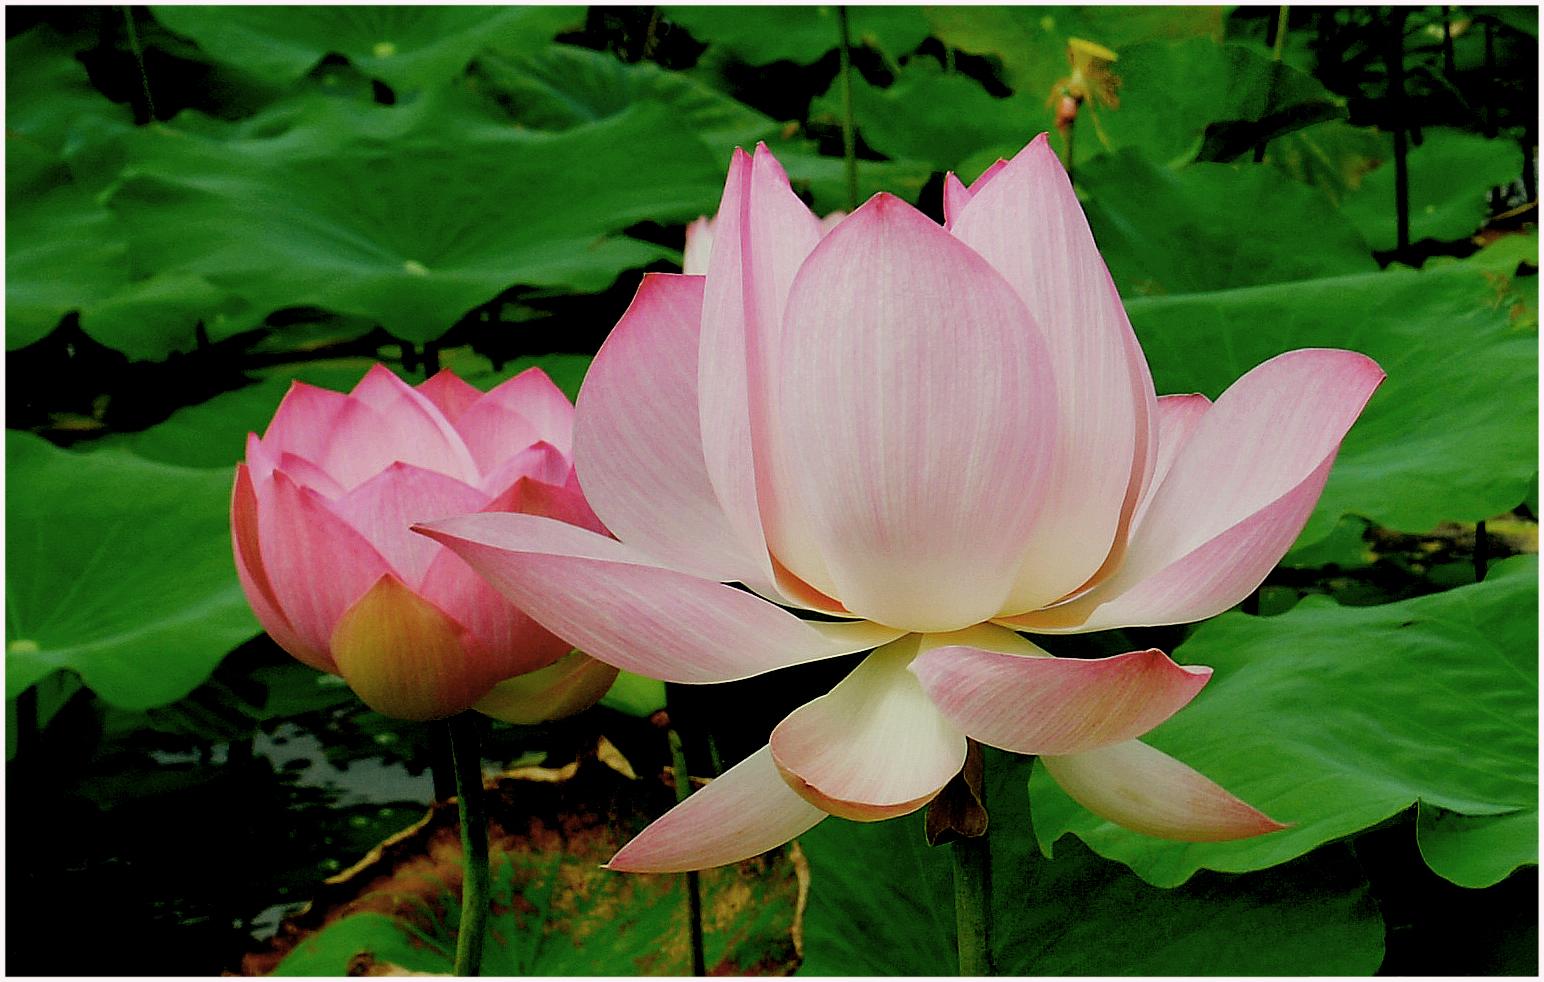 Bildergebnis für lotusblüten bilder